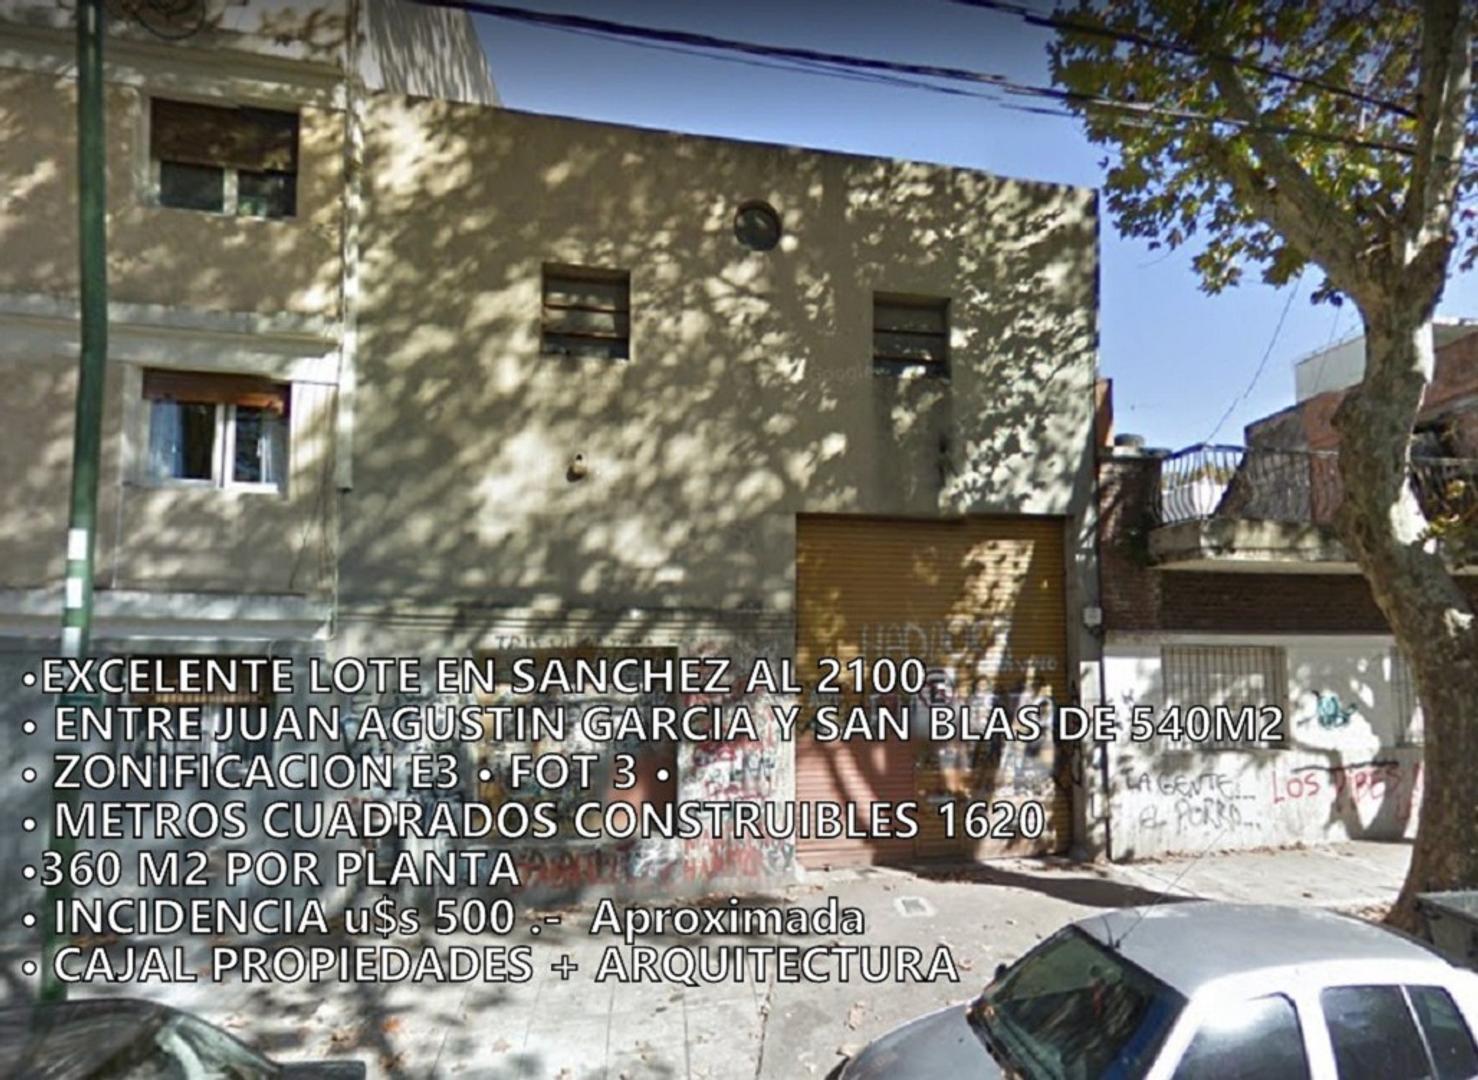 EXCELENTE LOTE 9 x 60 EN SANCHEZ AL 2100 • E3 FOT 3 • 1600 M2 CONSTRUIBLES TOTALES